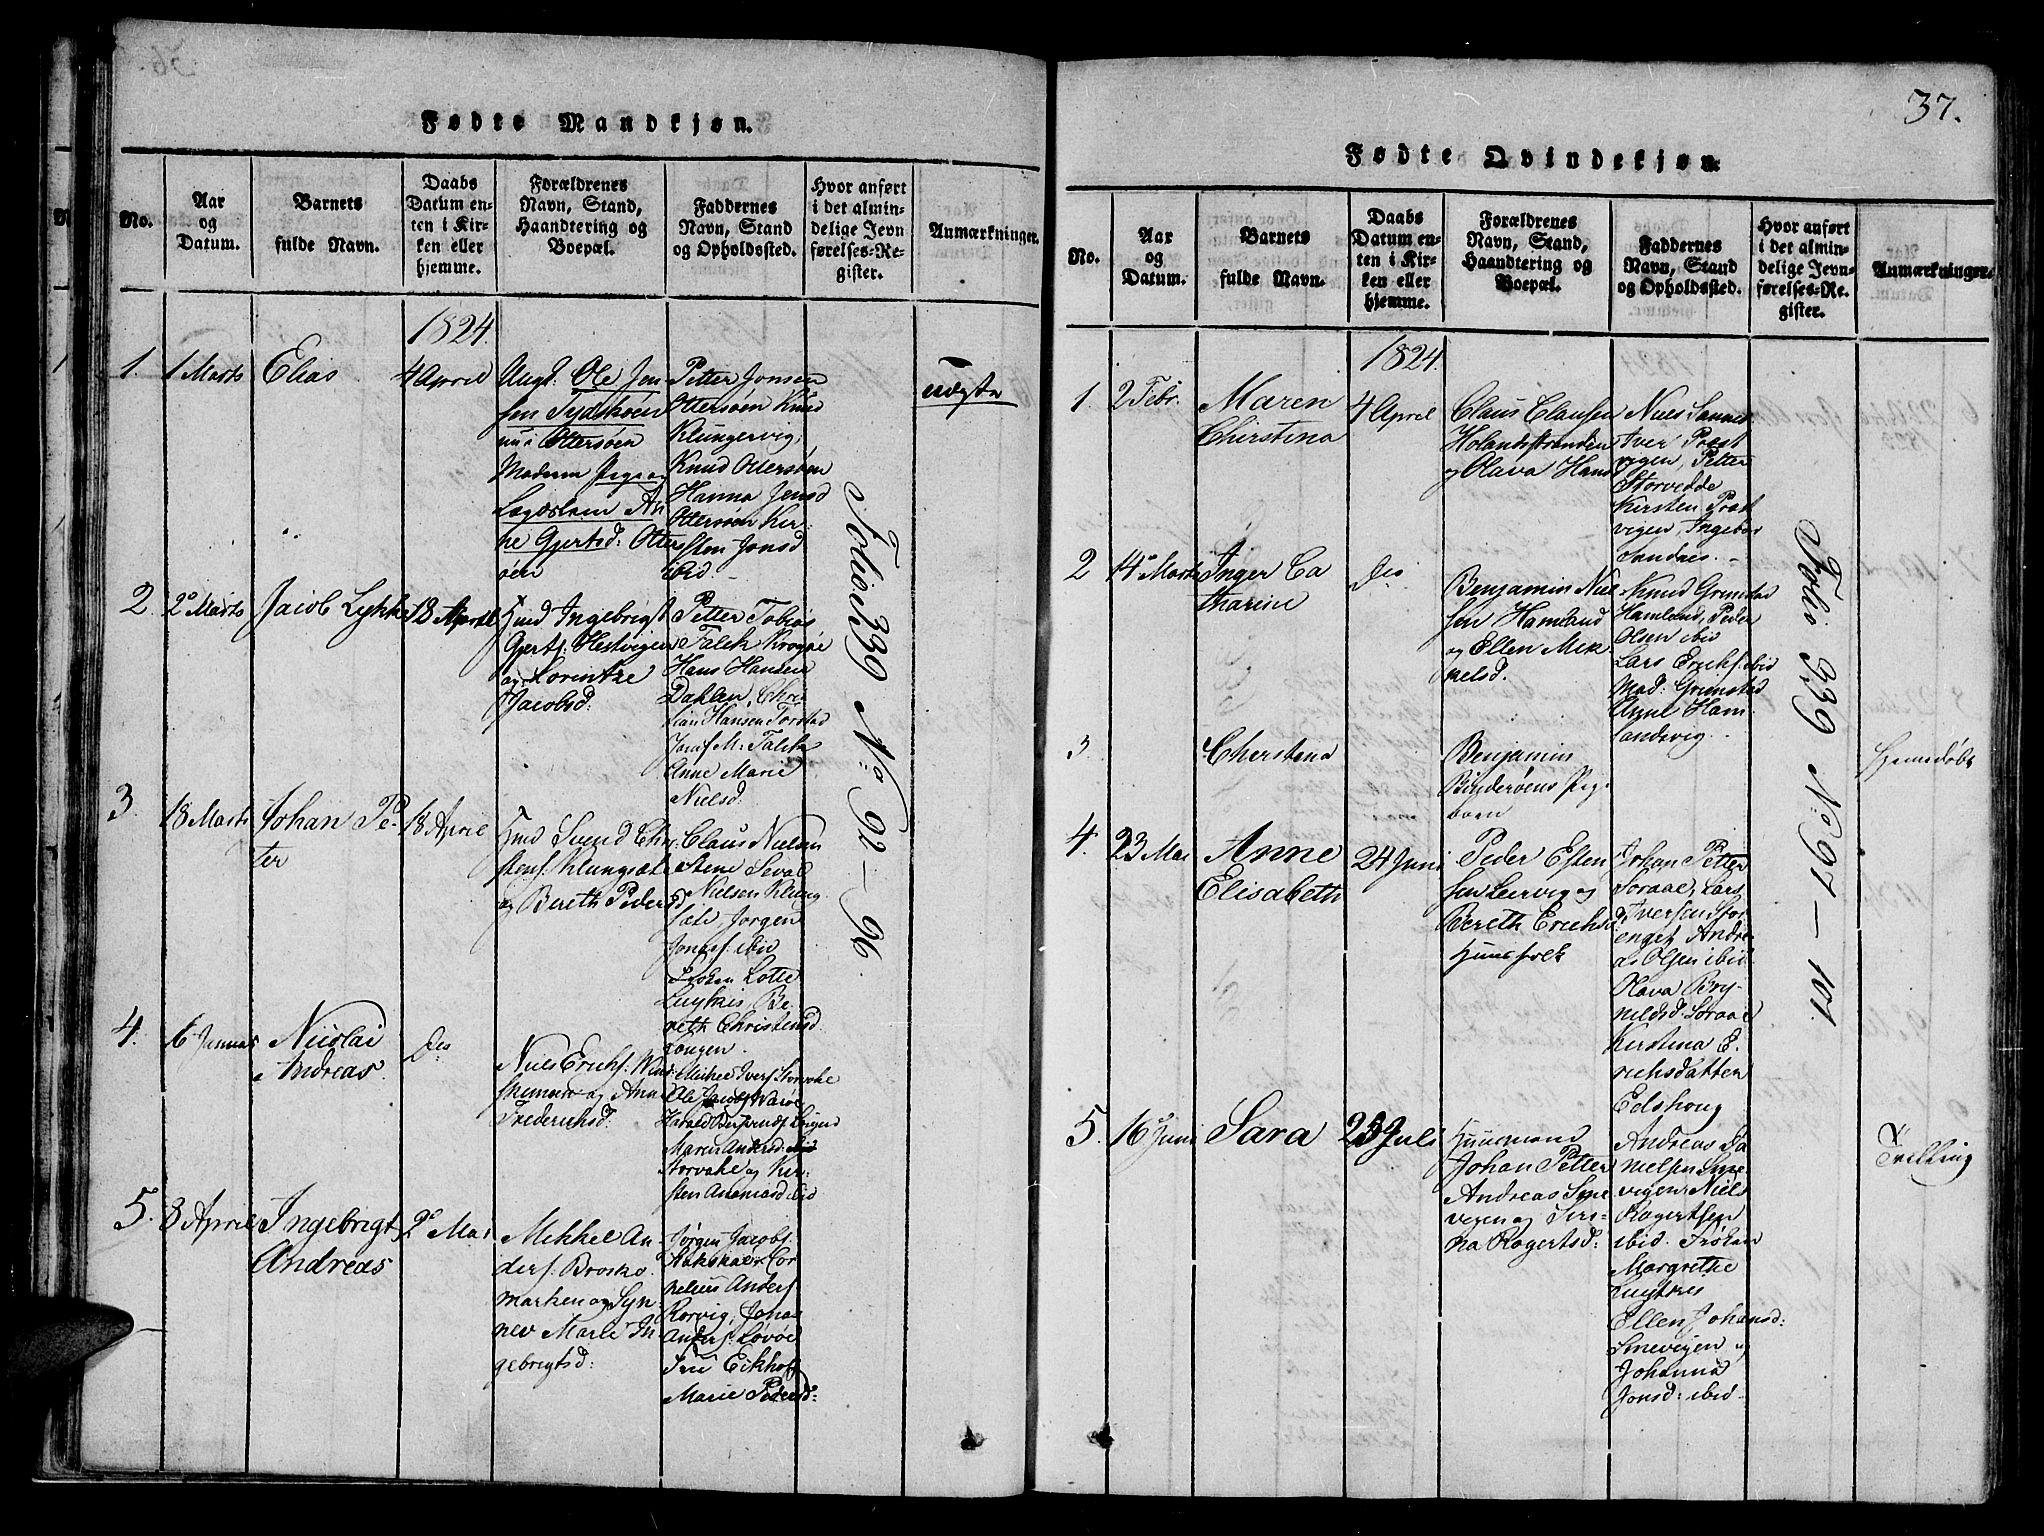 SAT, Ministerialprotokoller, klokkerbøker og fødselsregistre - Nord-Trøndelag, 784/L0667: Ministerialbok nr. 784A03 /1, 1816-1829, s. 37